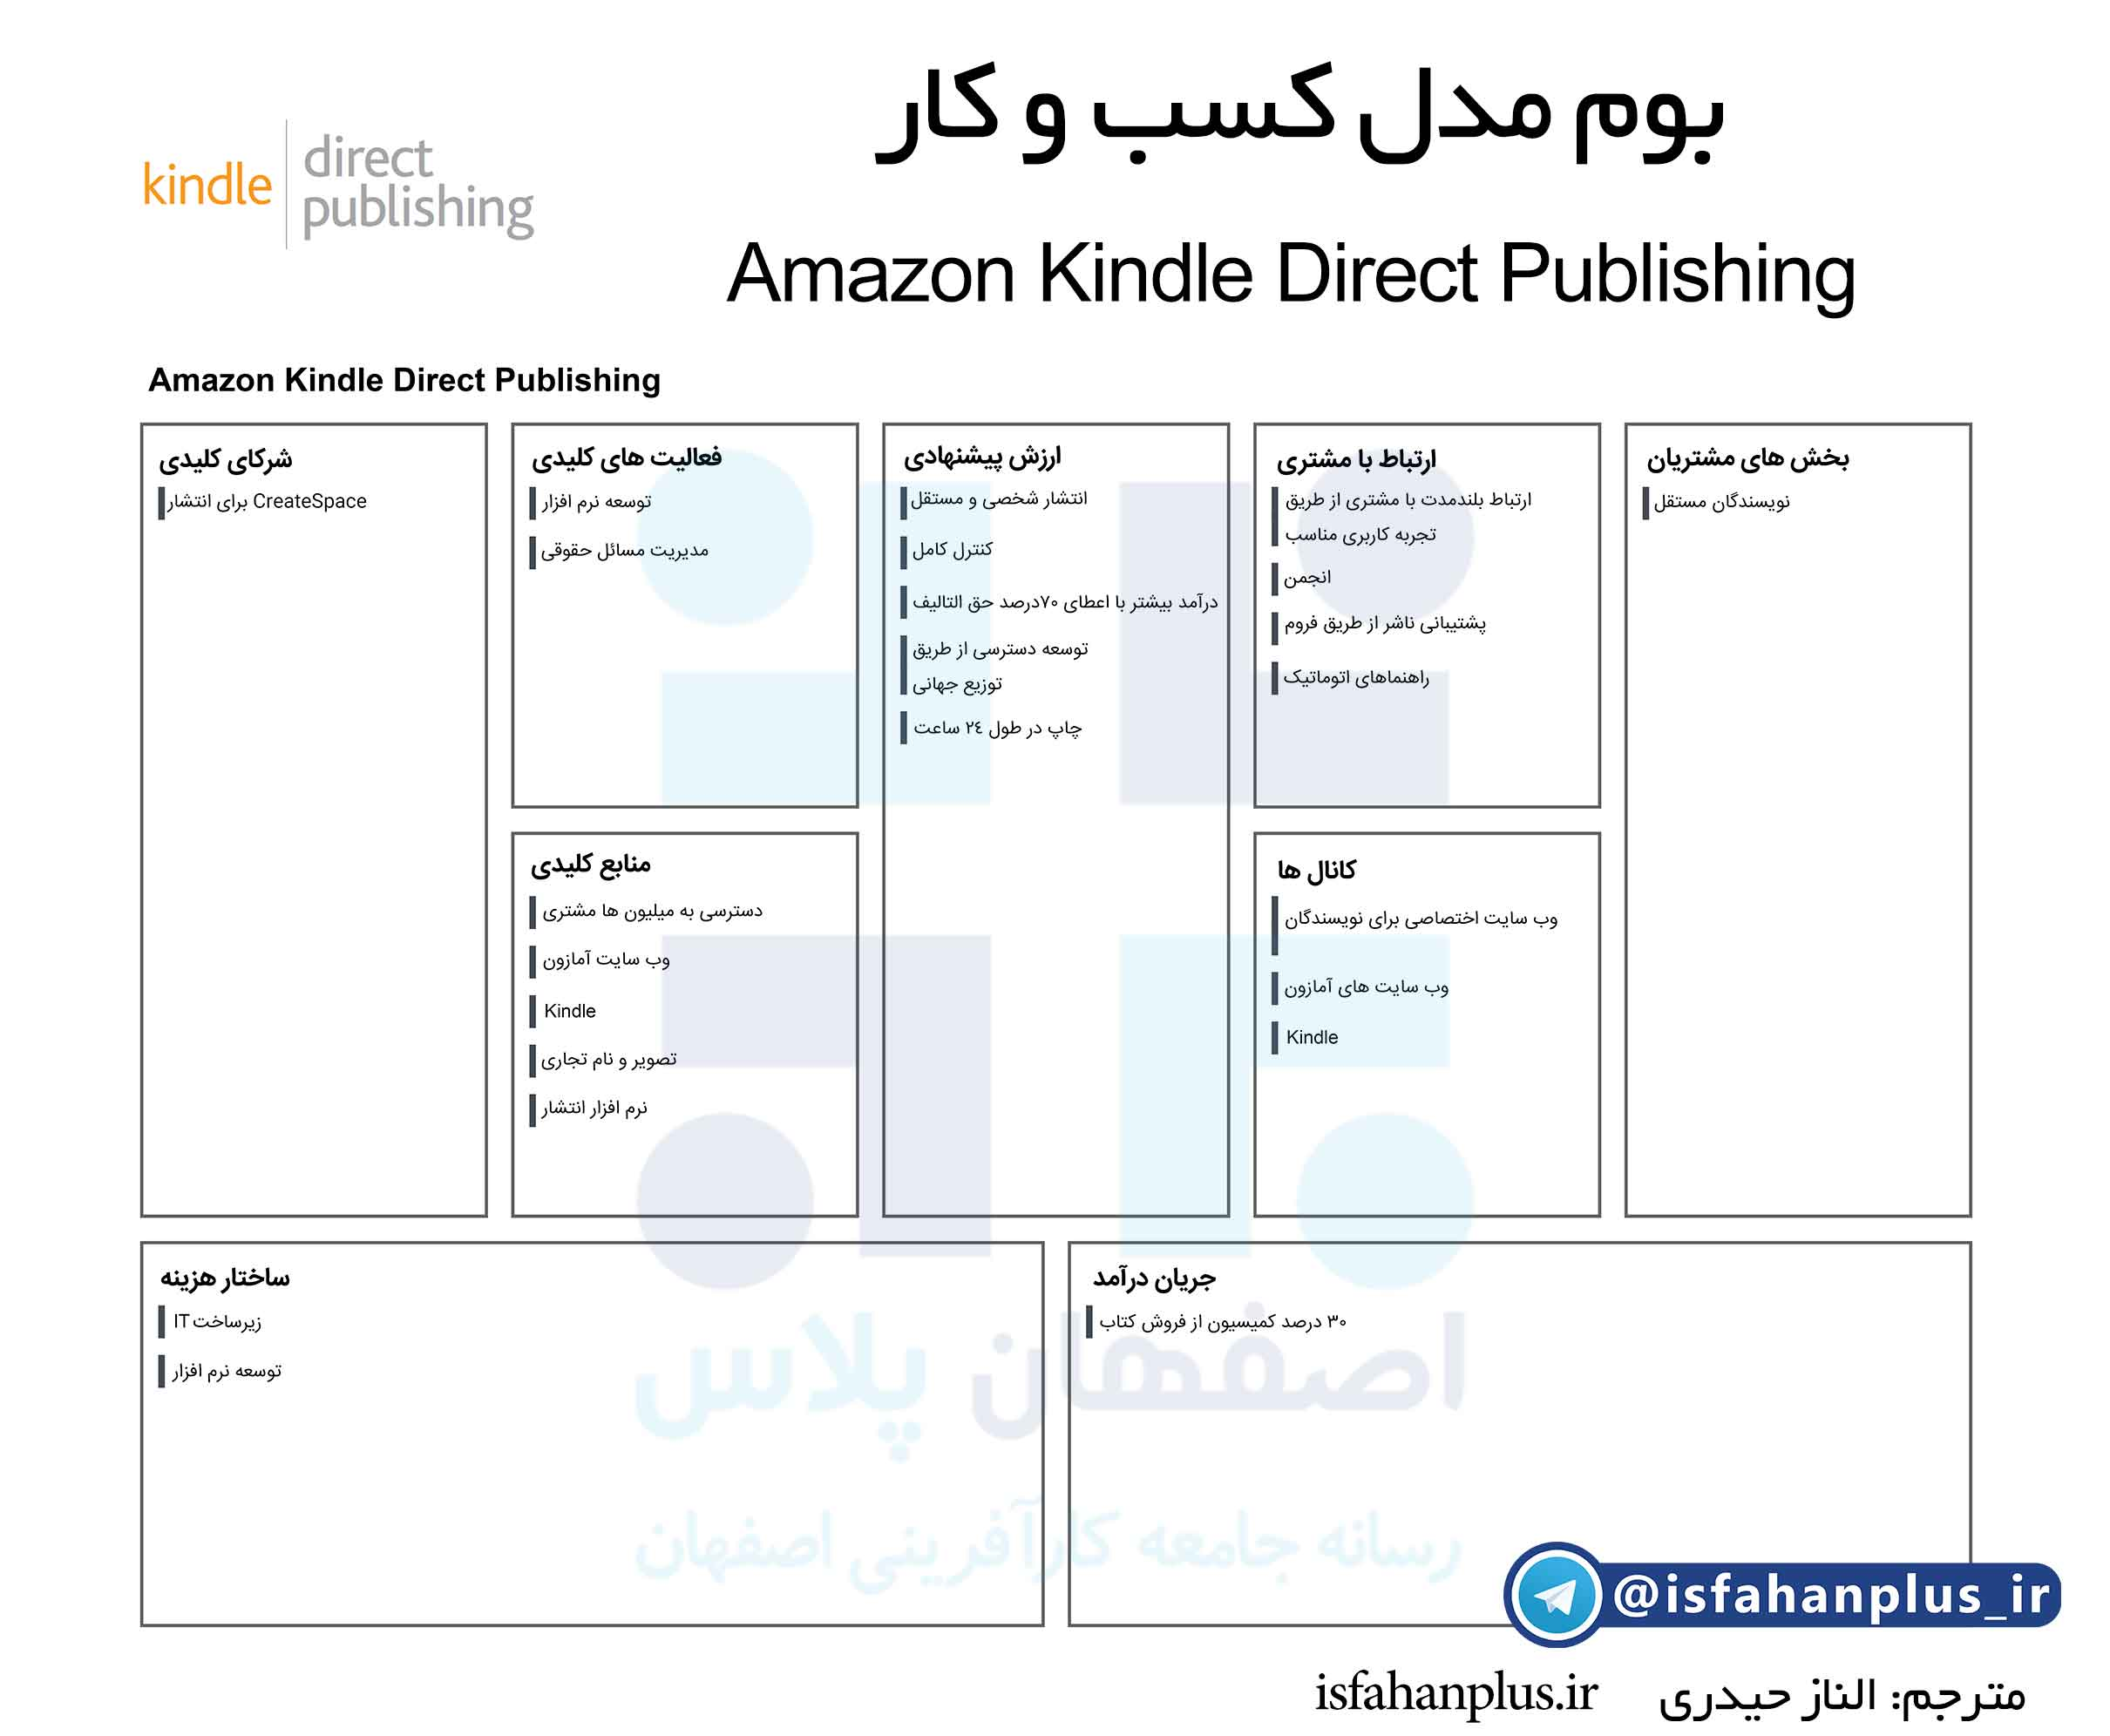 بوم مدل کسب و کار amazon kindle direct publishing